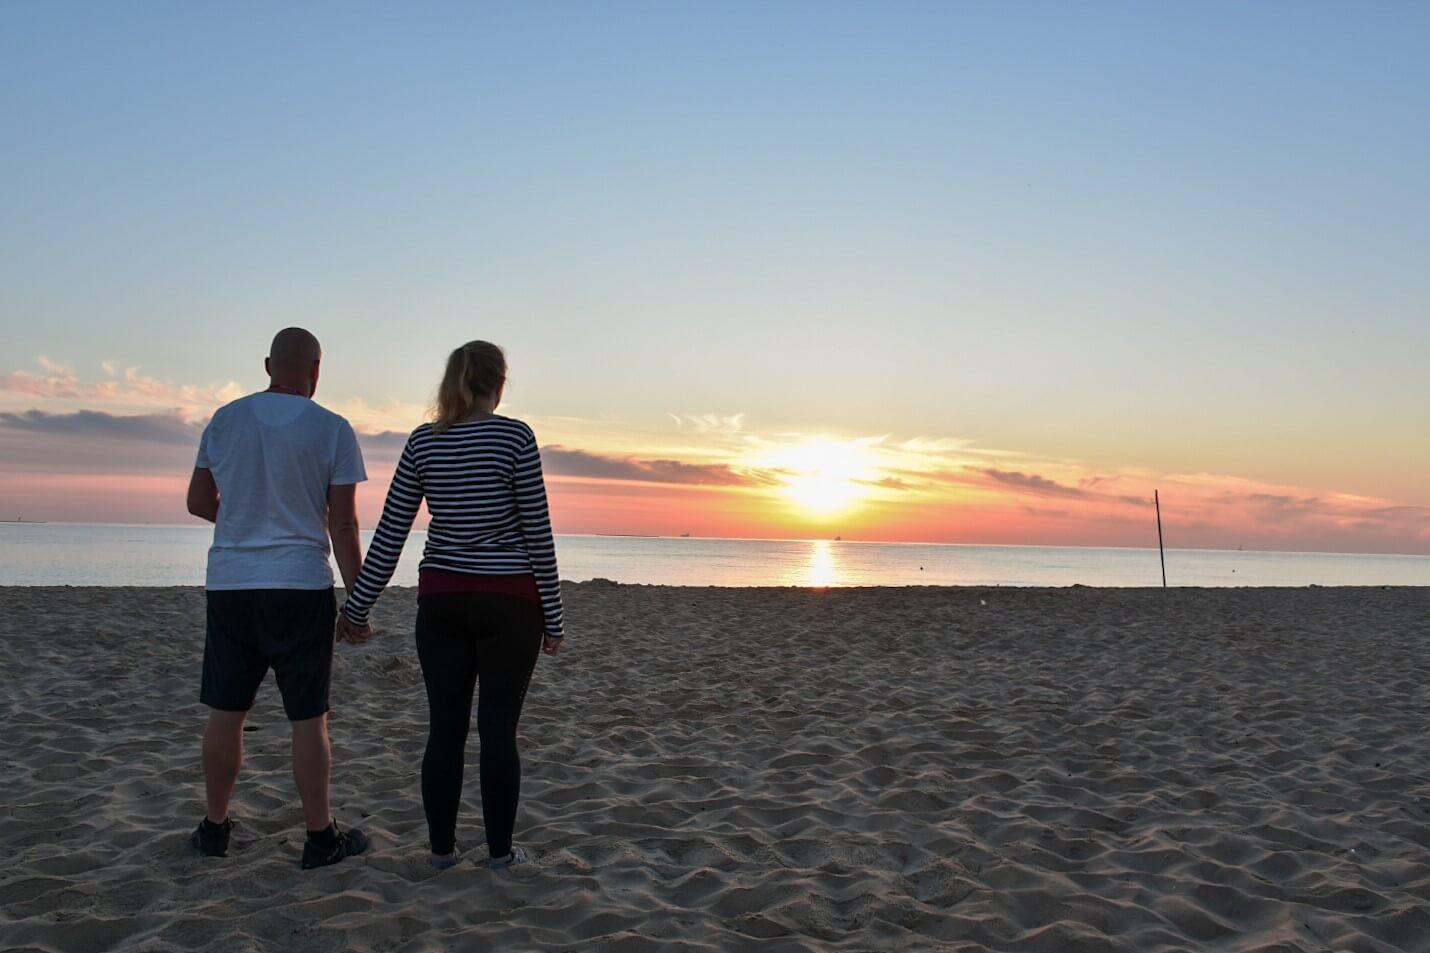 Prara trzymająca się za ręce na plaży o wschodzi Słońca.